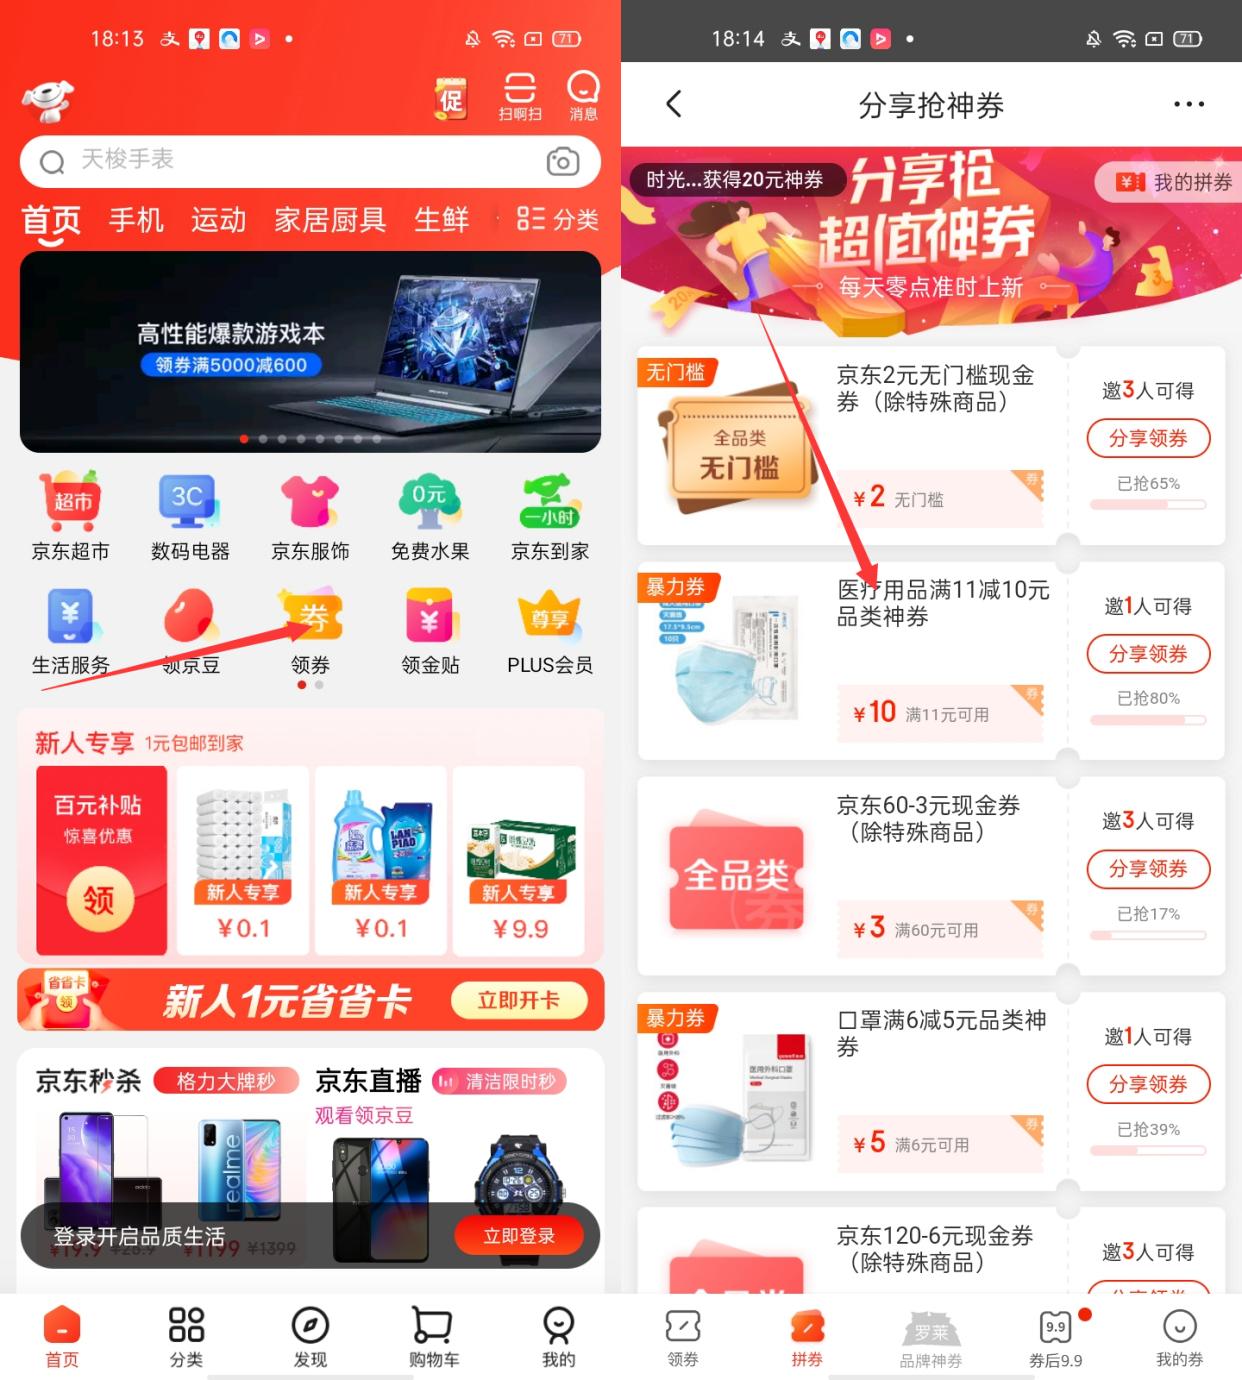 京东app-领券-下方【拼券】-找到医疗用品【11-10元券